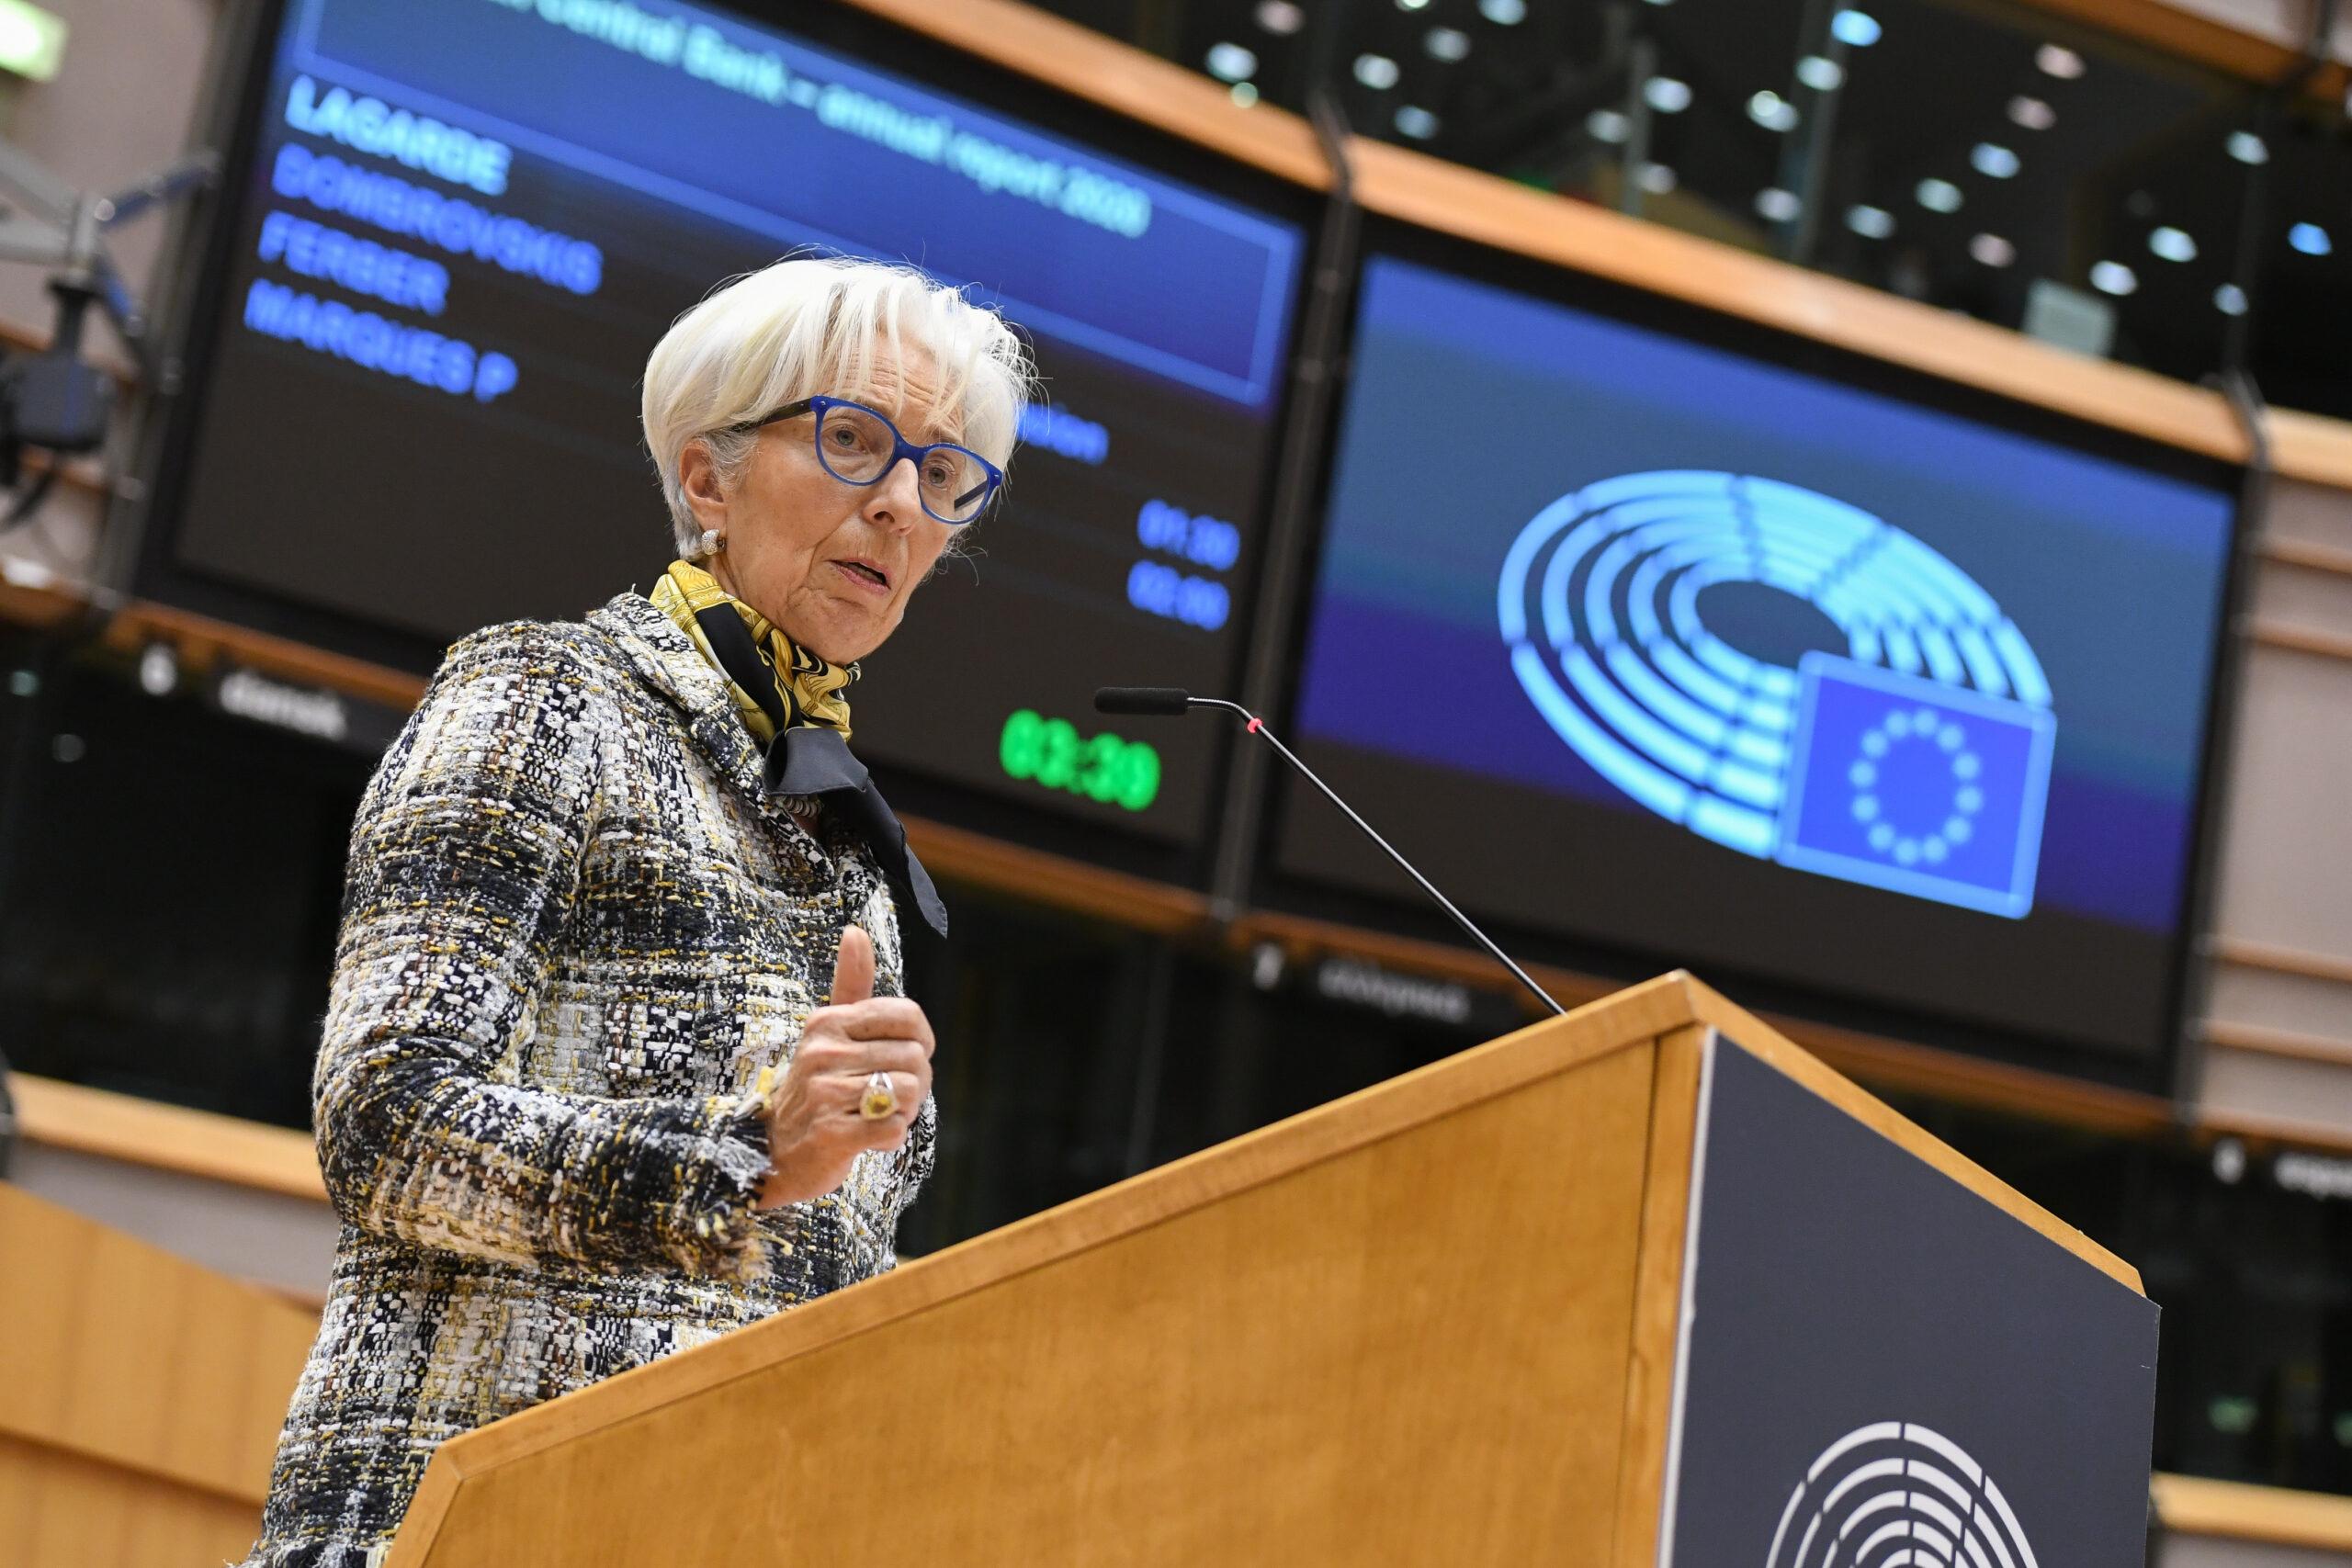 La presidenta del BCE, Christine Lagarde, en una intervenció al ple de l'Eurocambra | ACN